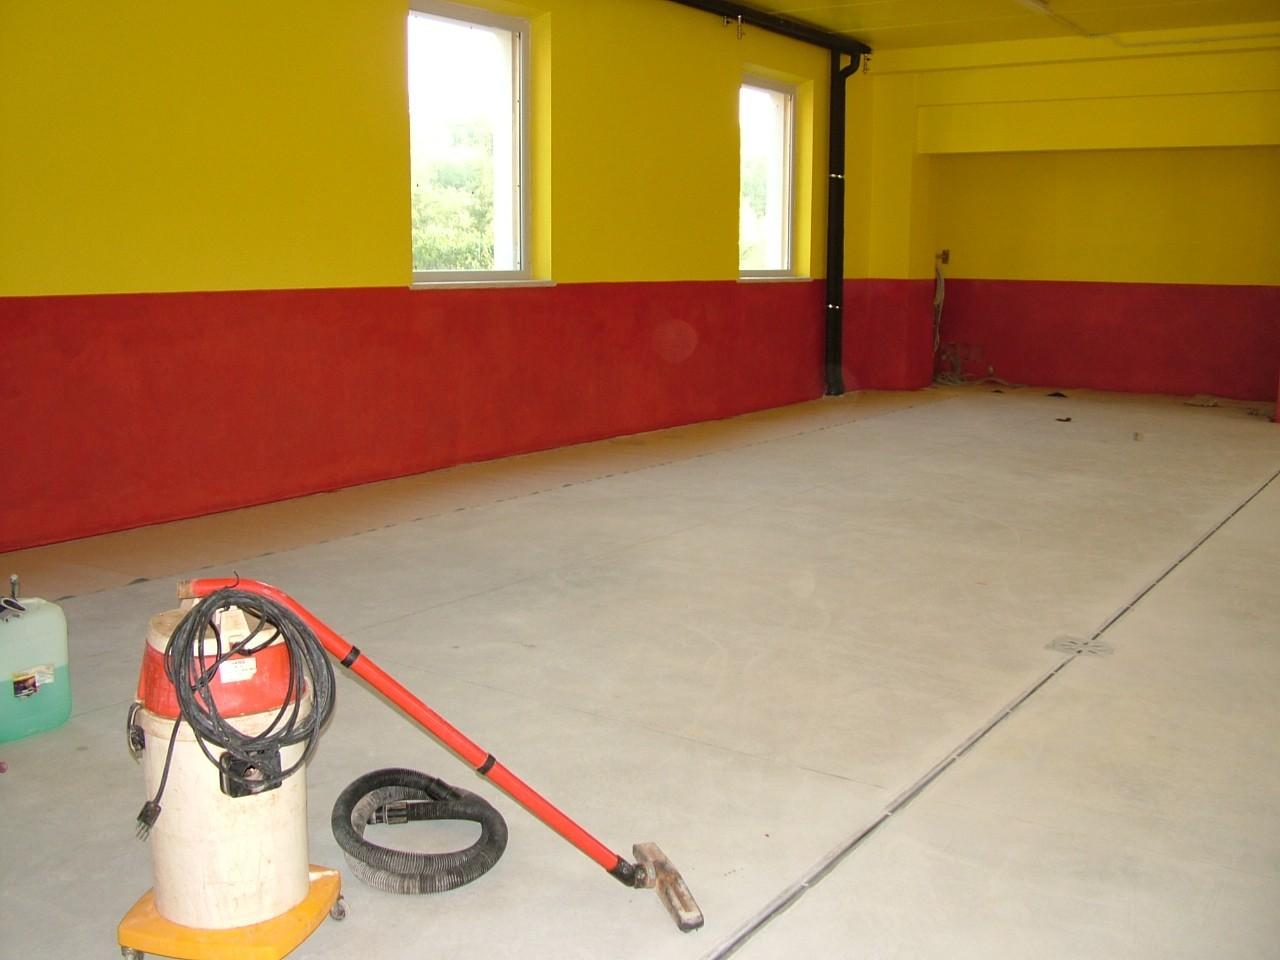 Pulizia preliminare di un pavimento industriale in cemento